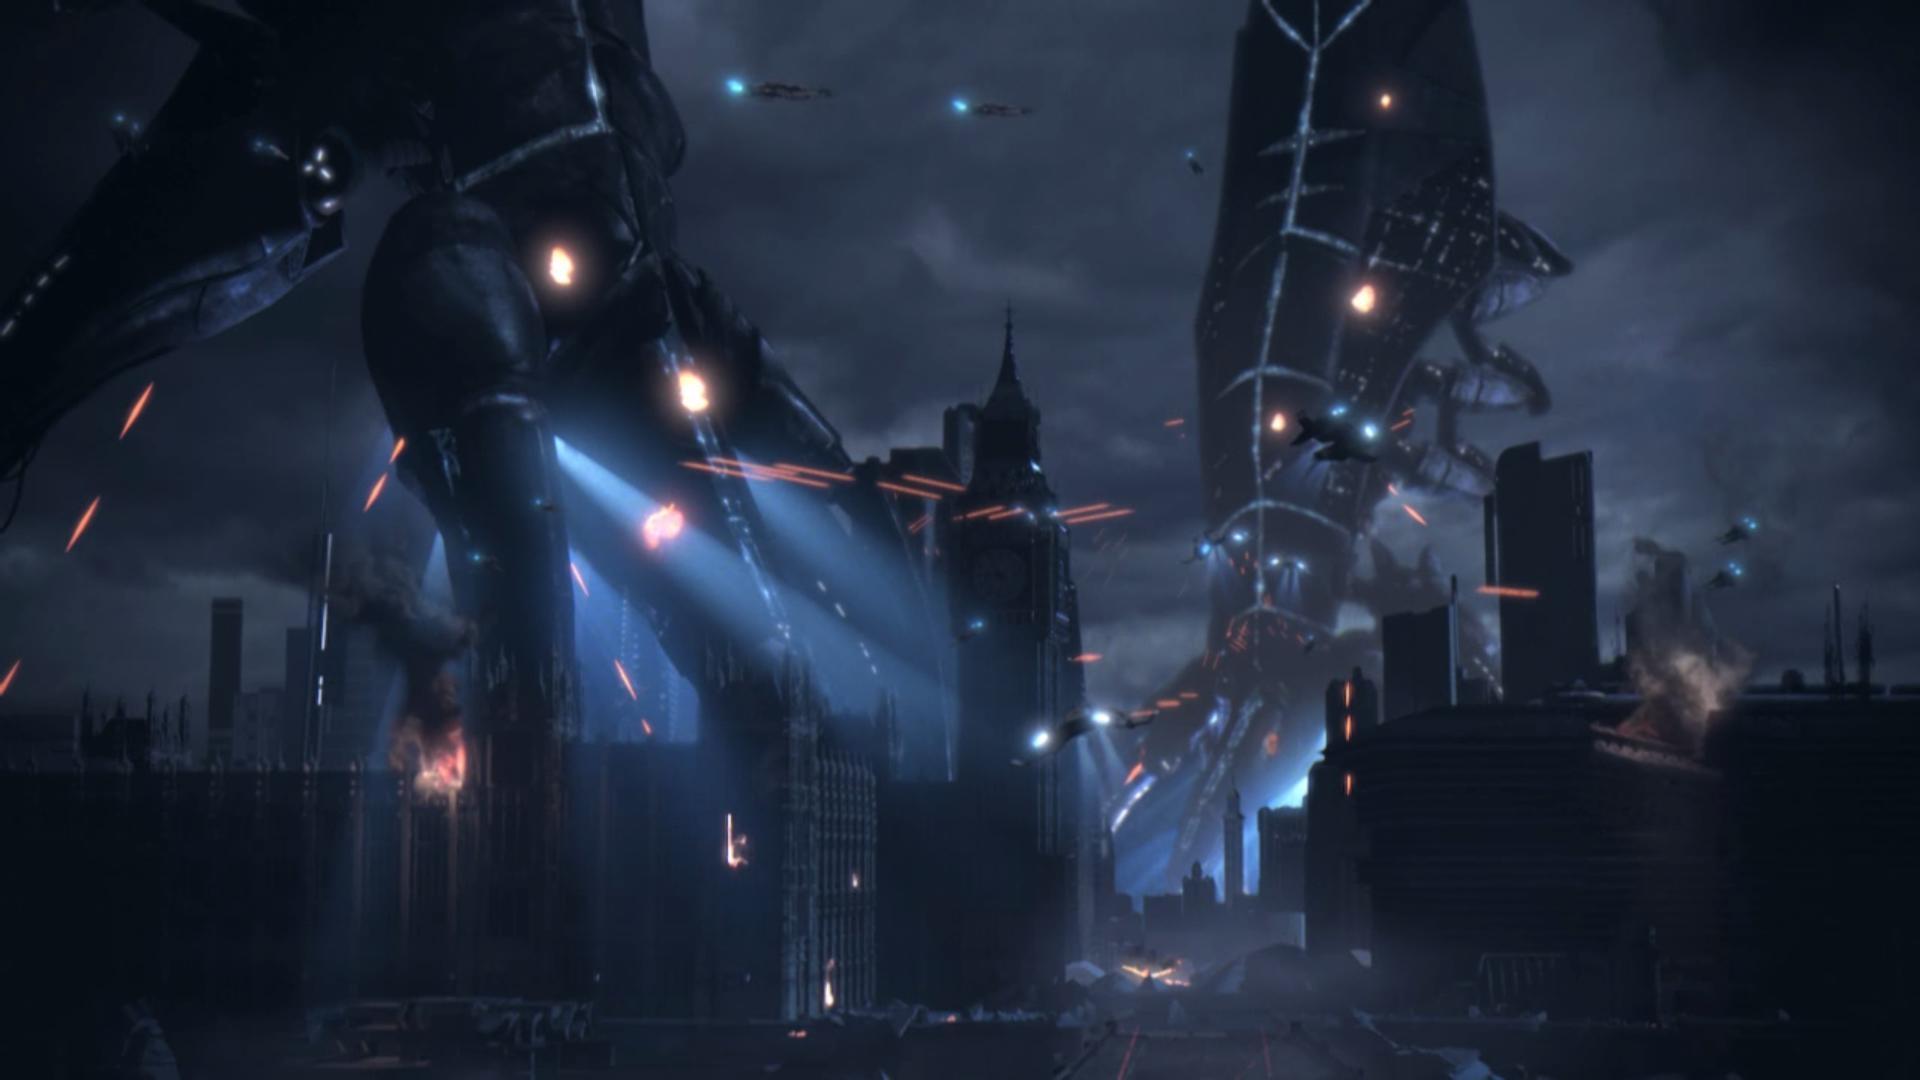 Wallpaper Battle In London - Mass Effect 3 Backgrounds , HD Wallpaper & Backgrounds